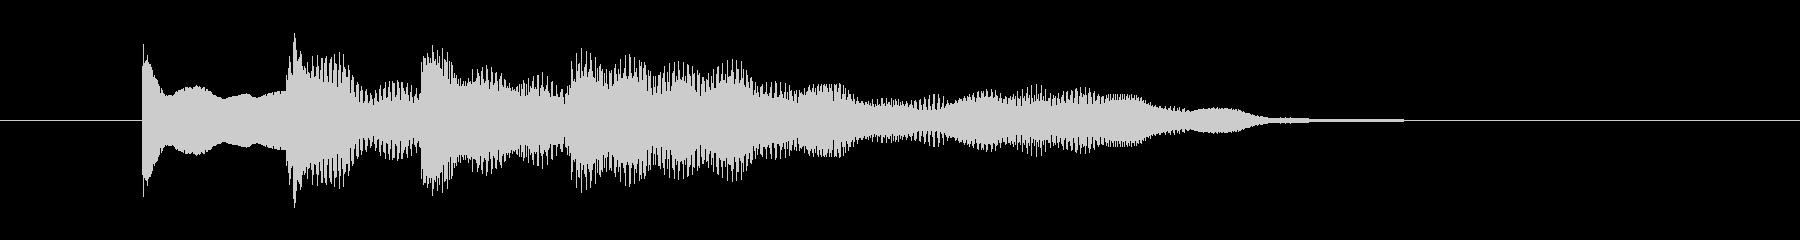 お知らせの合図、ピンポン、上昇音の未再生の波形